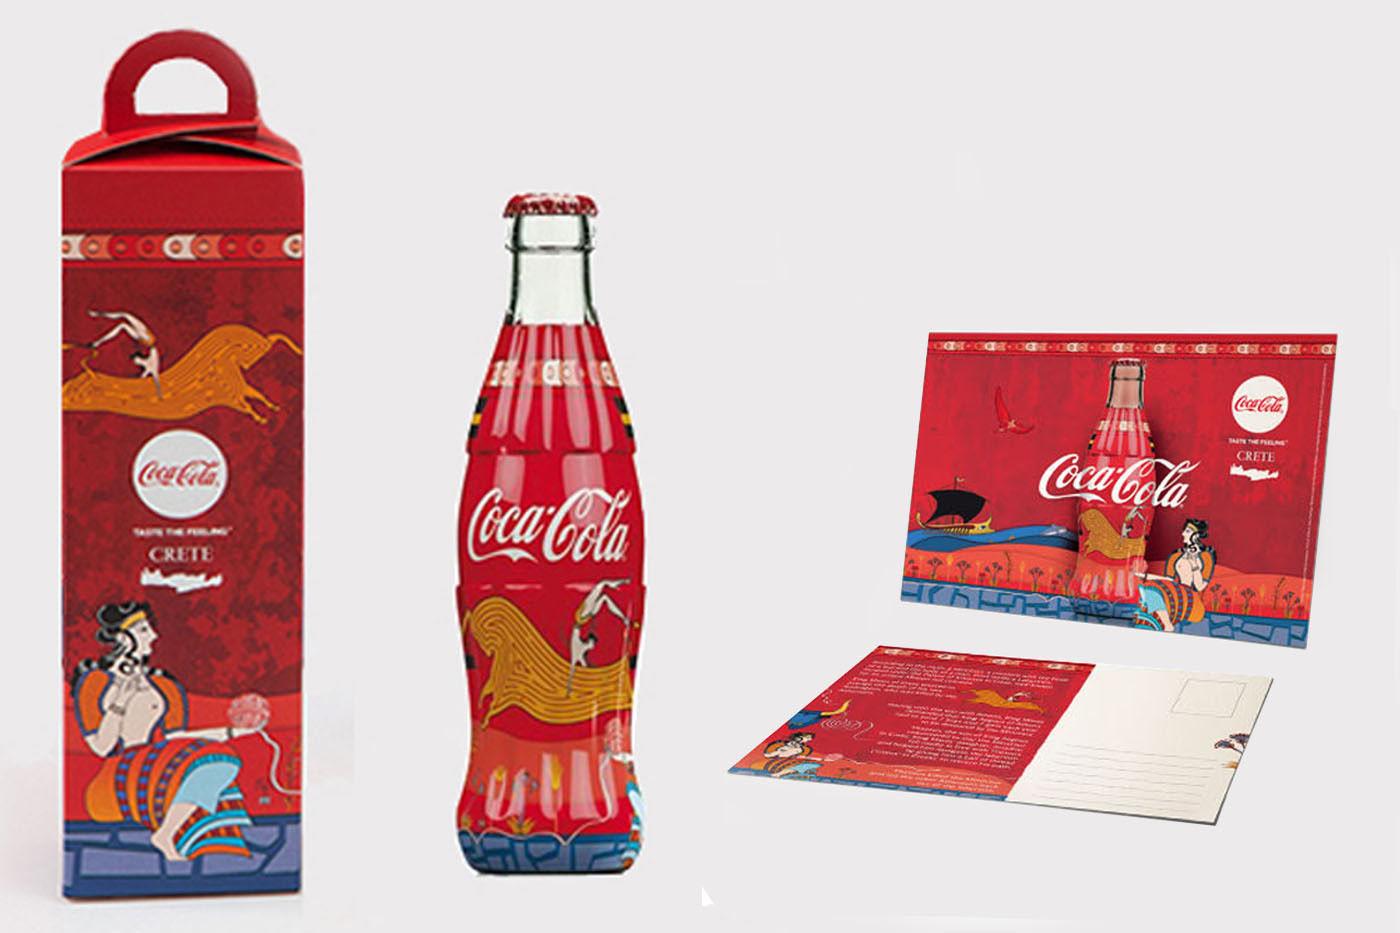 Coca Cola Collectible Minoan Glass Bottle 250ml 8.45oz New + Box + Post Card Rare Crete Greece Anniversary Limited Edition 2017